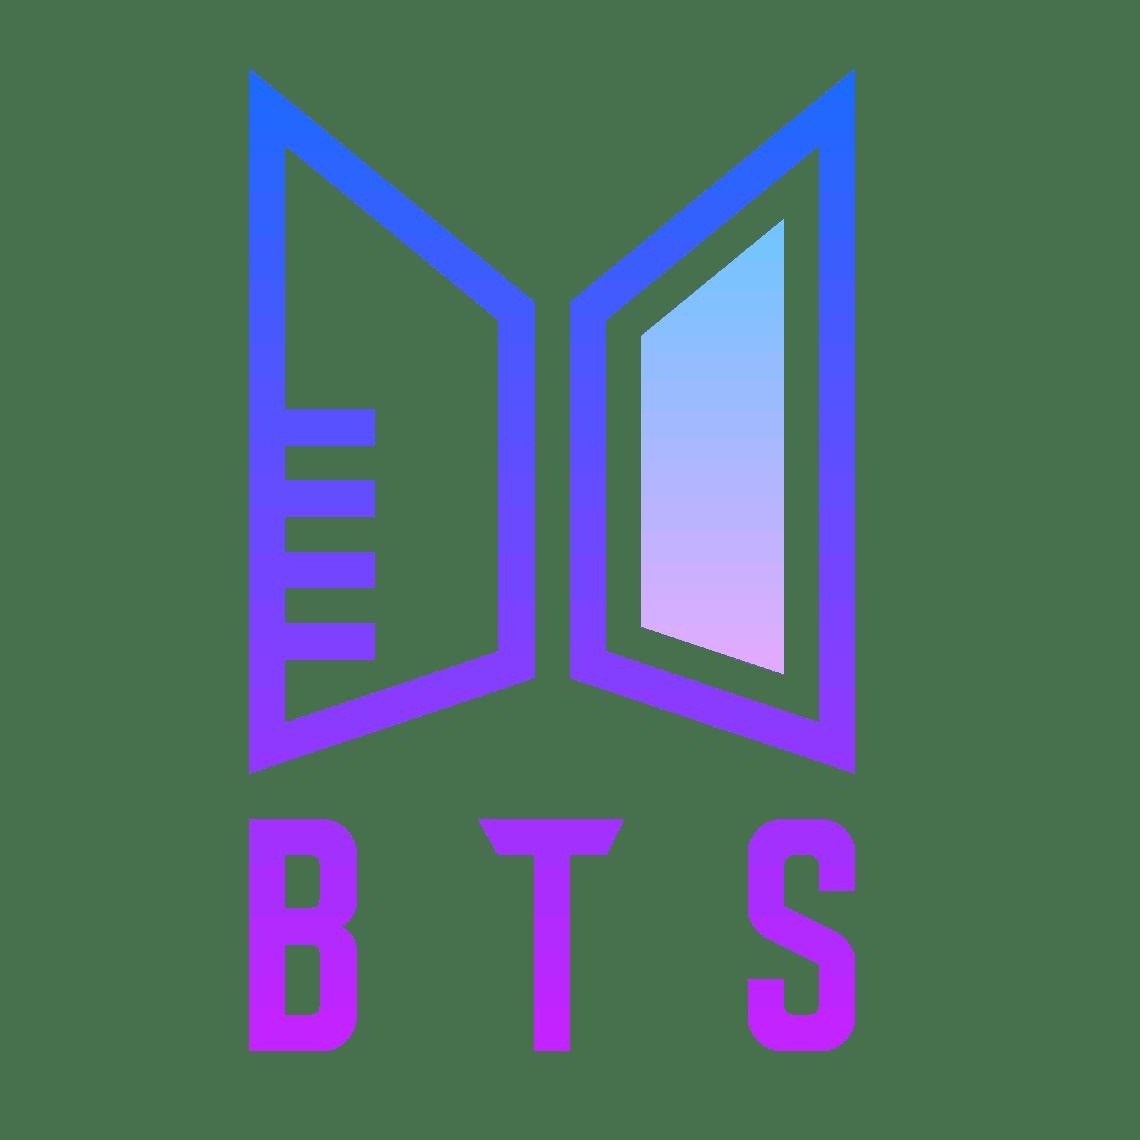 Download BTS Logo PNG | Free Download BTS Logo Icon, Symbol - Free ...